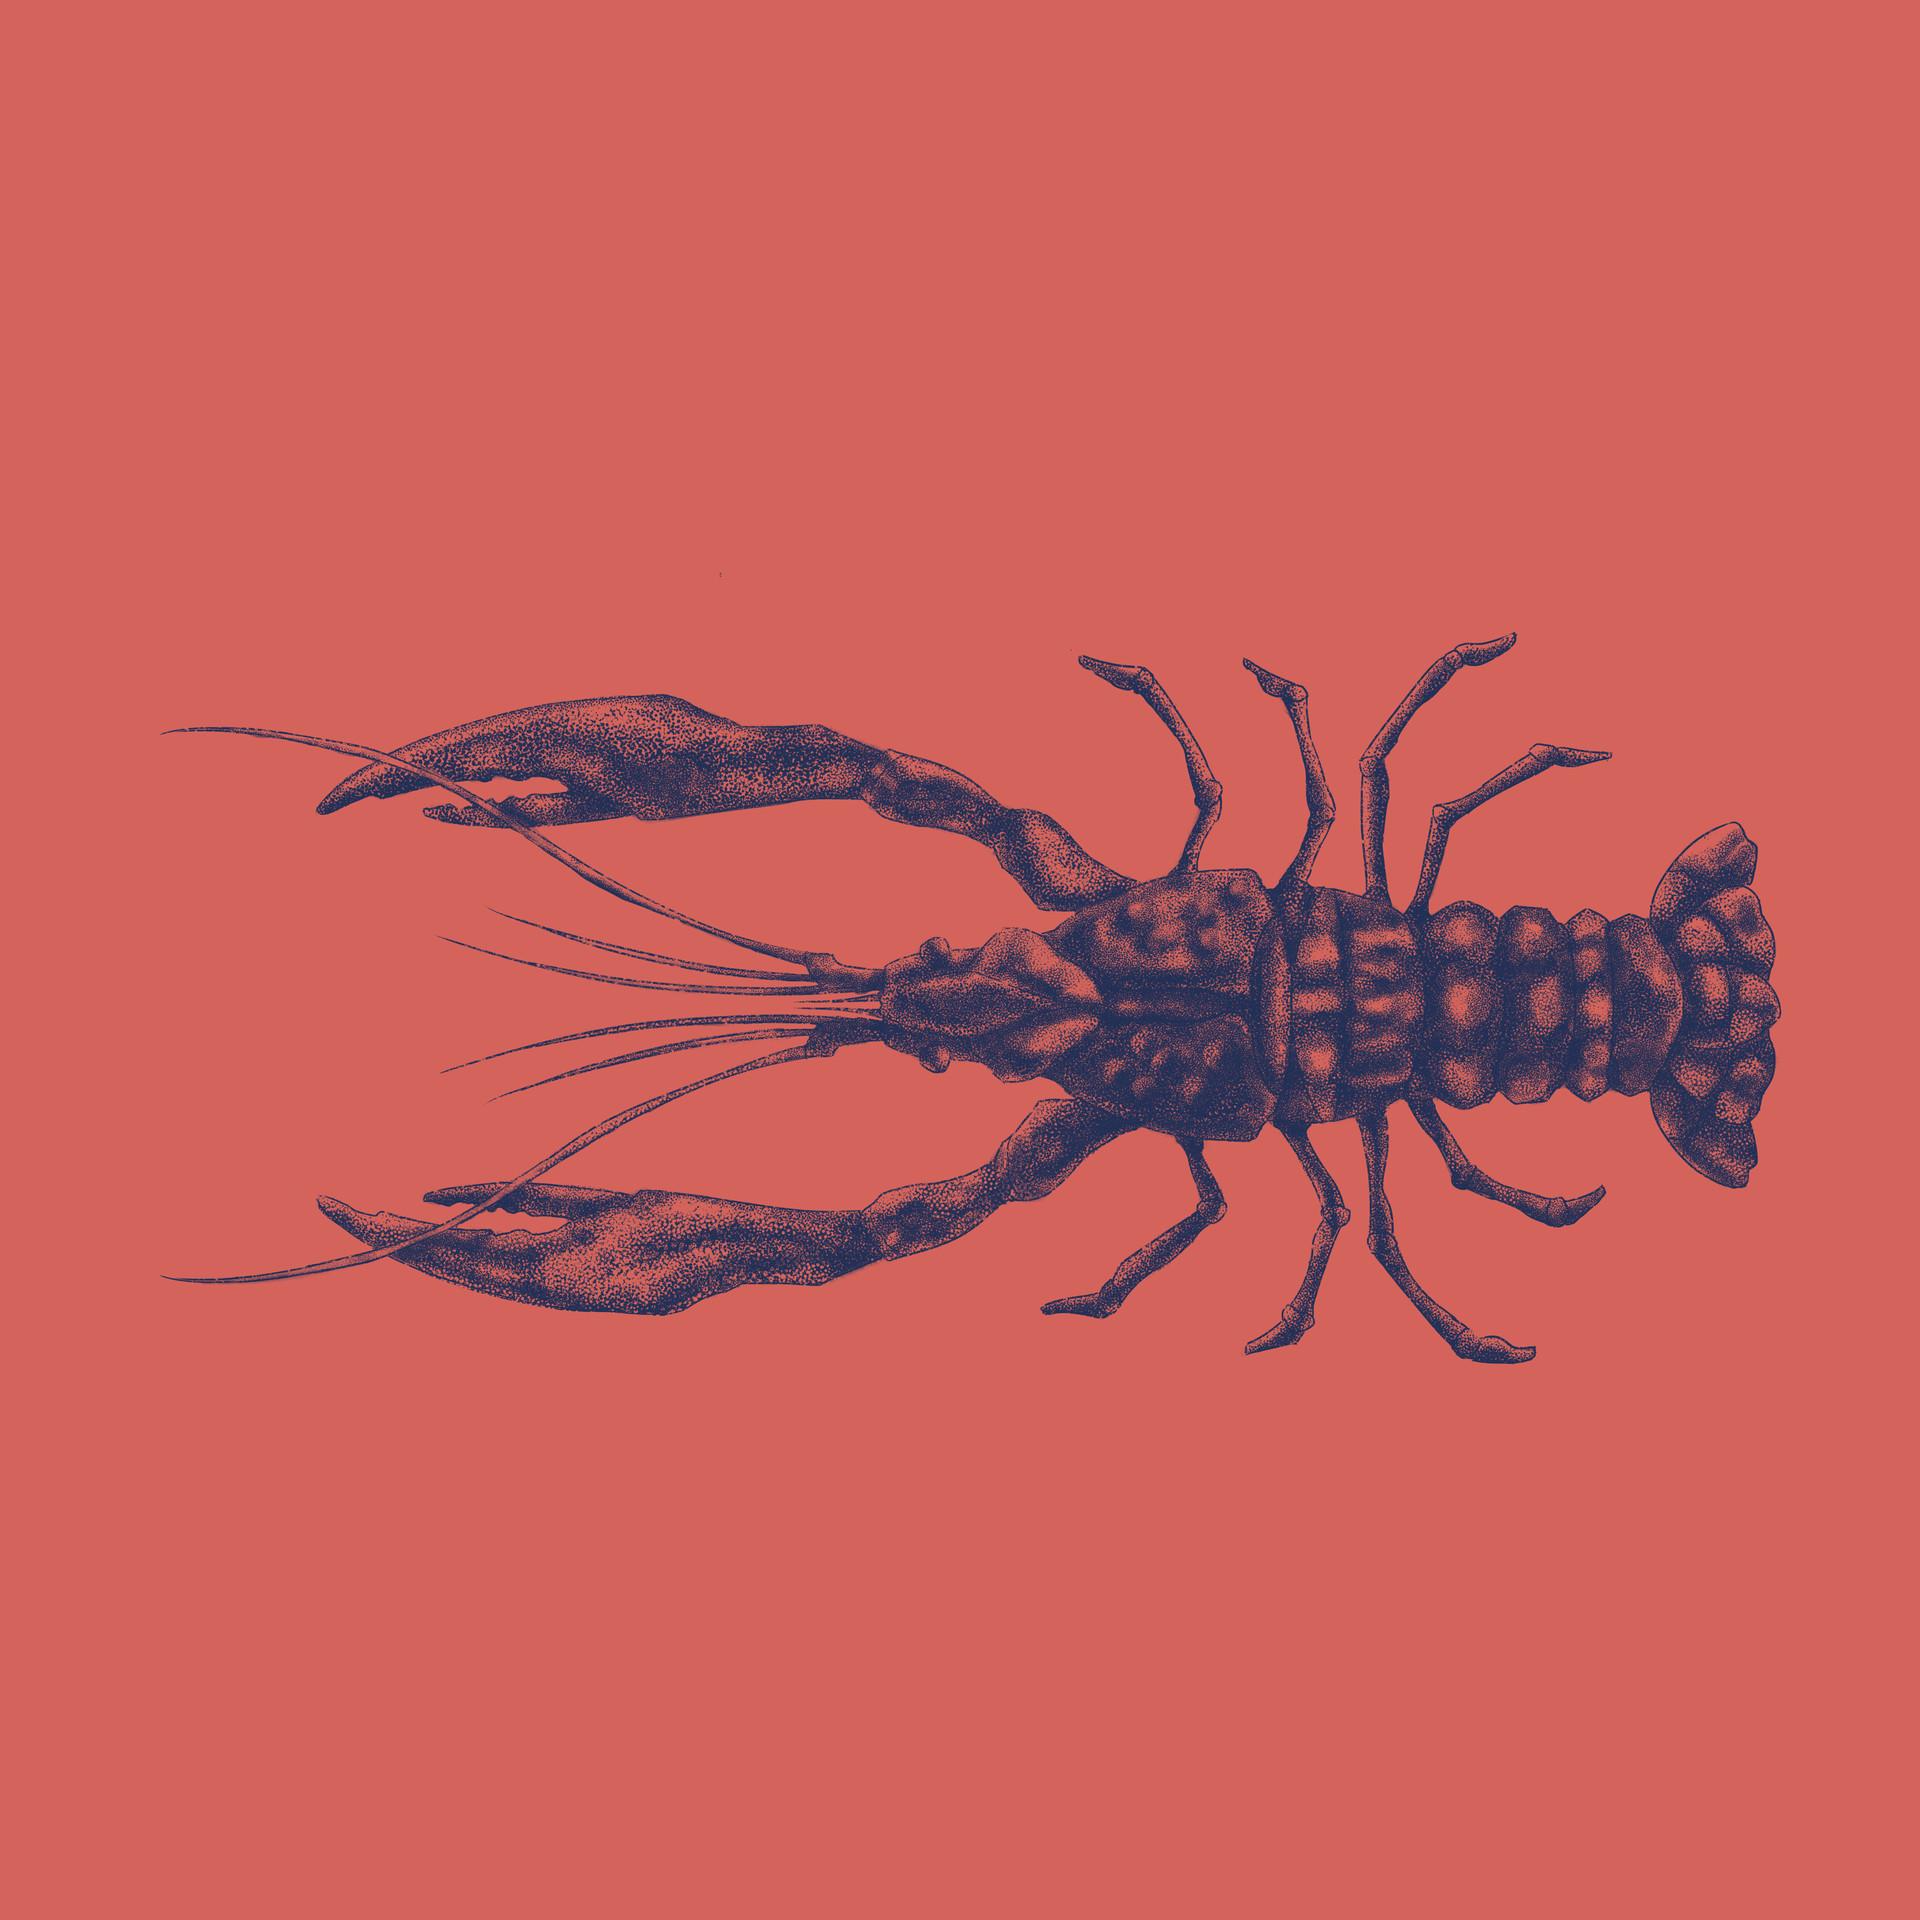 Marcos torres todos insta lagosta